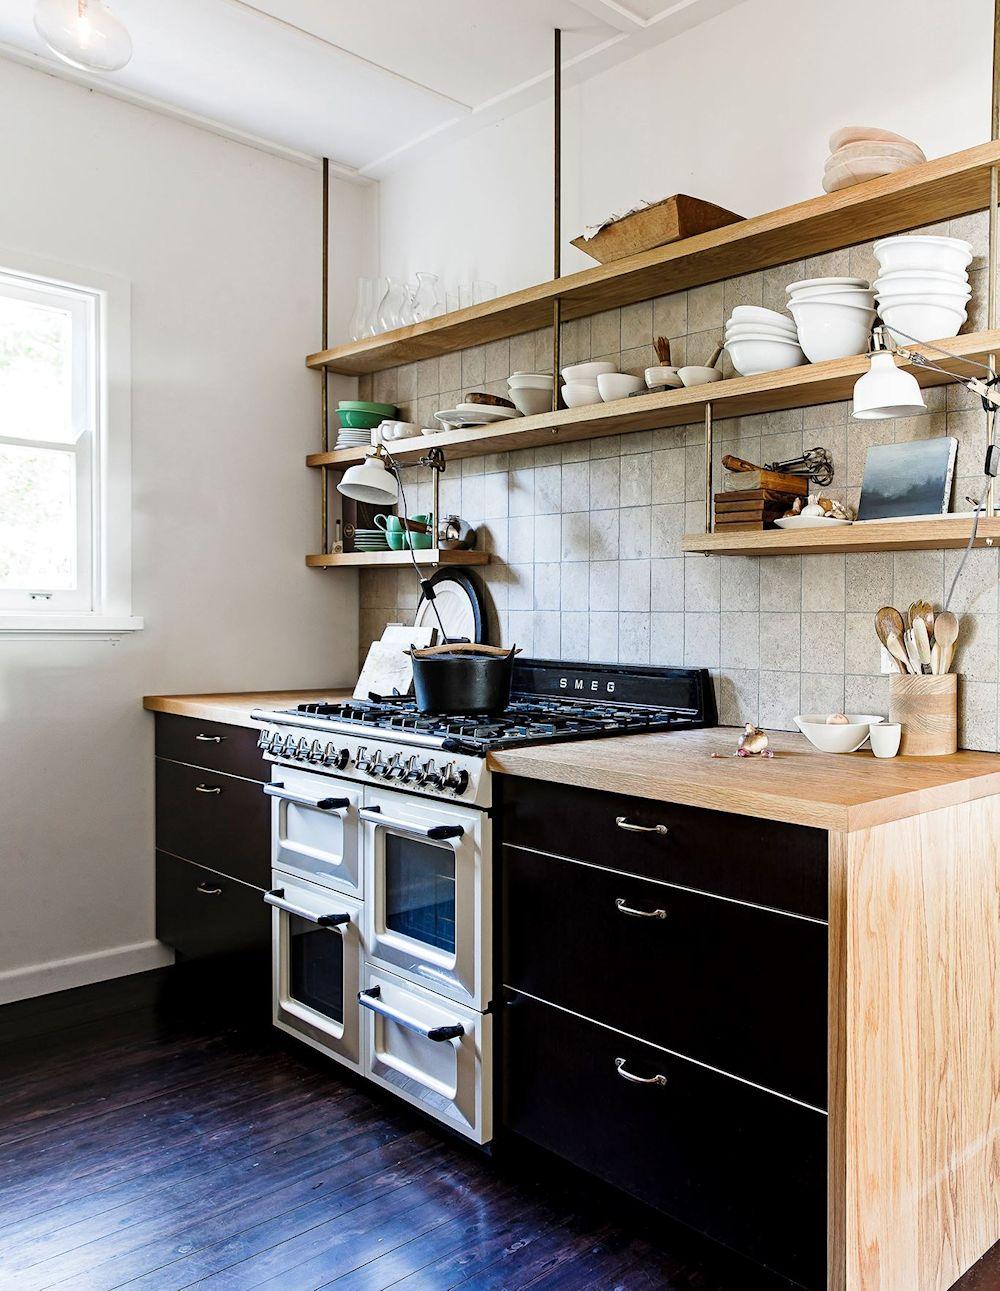 10 dise os de cocinas que incorporan madera a la decoraci n for Muebles cocina chica